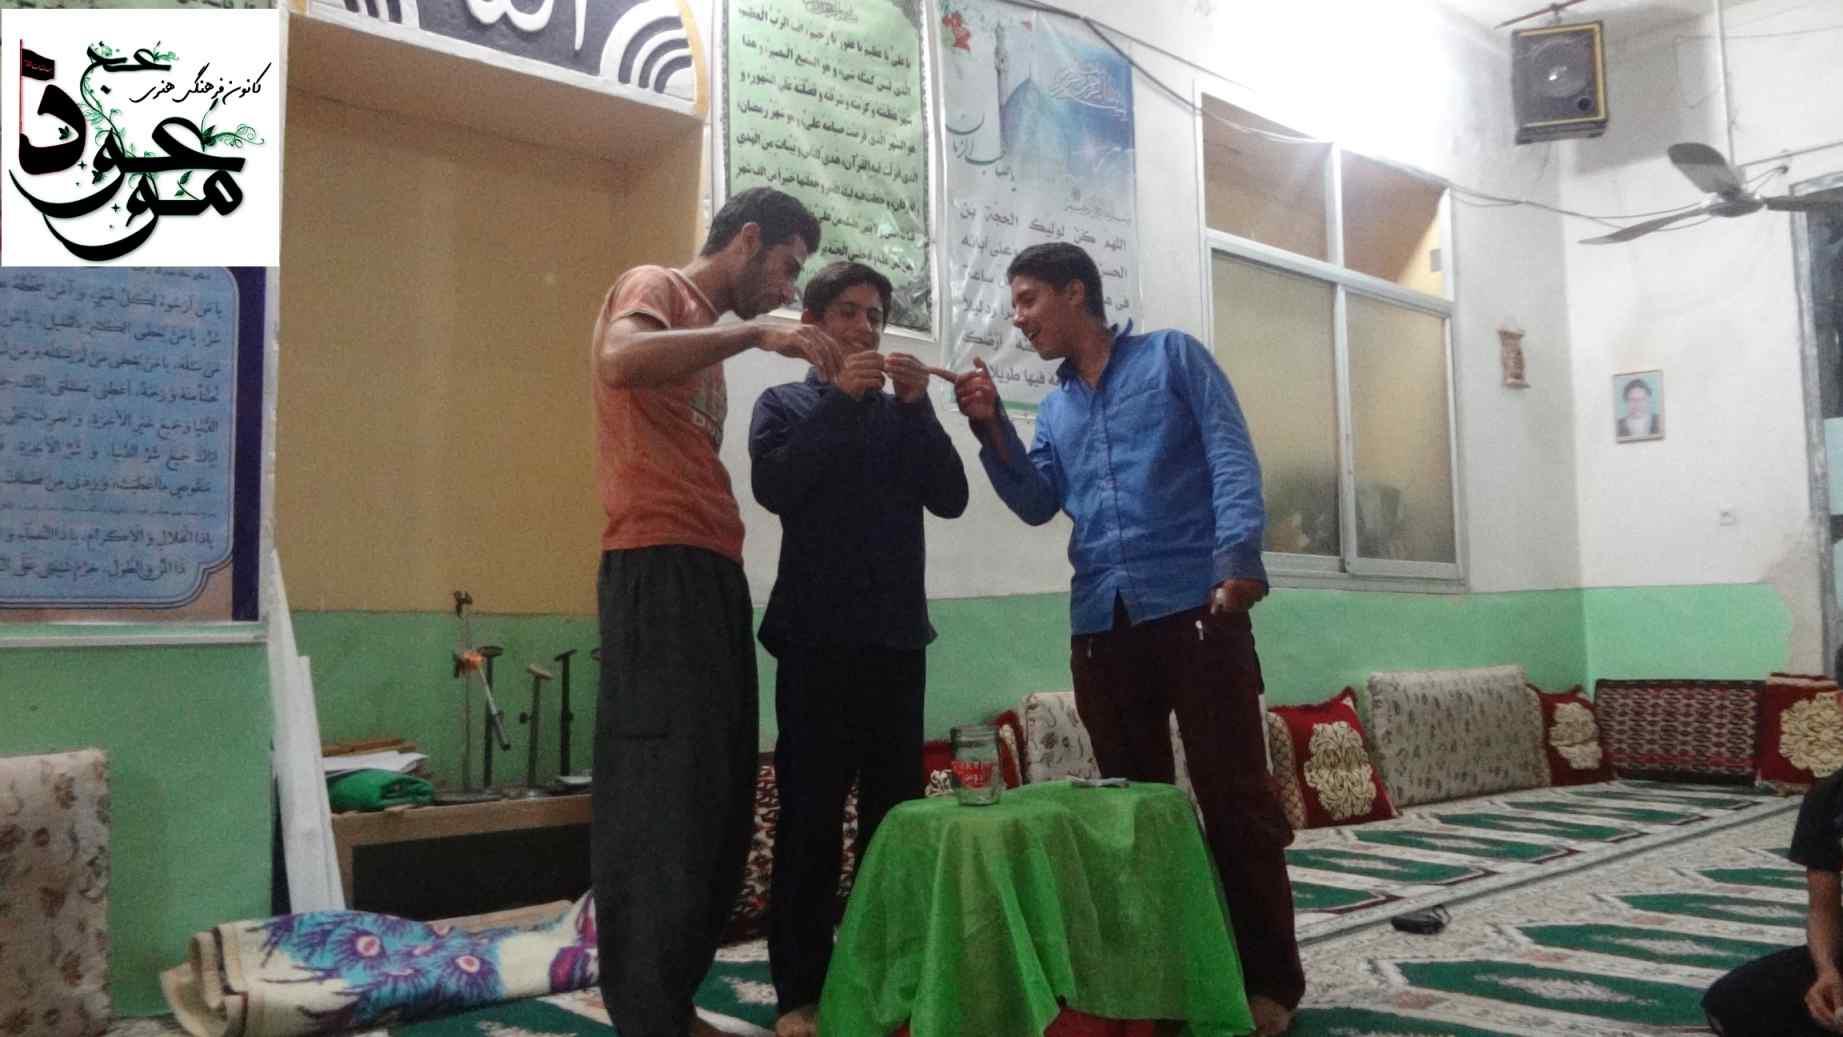 قرعه کشی مسابقات تابلو اعلانات مسجد